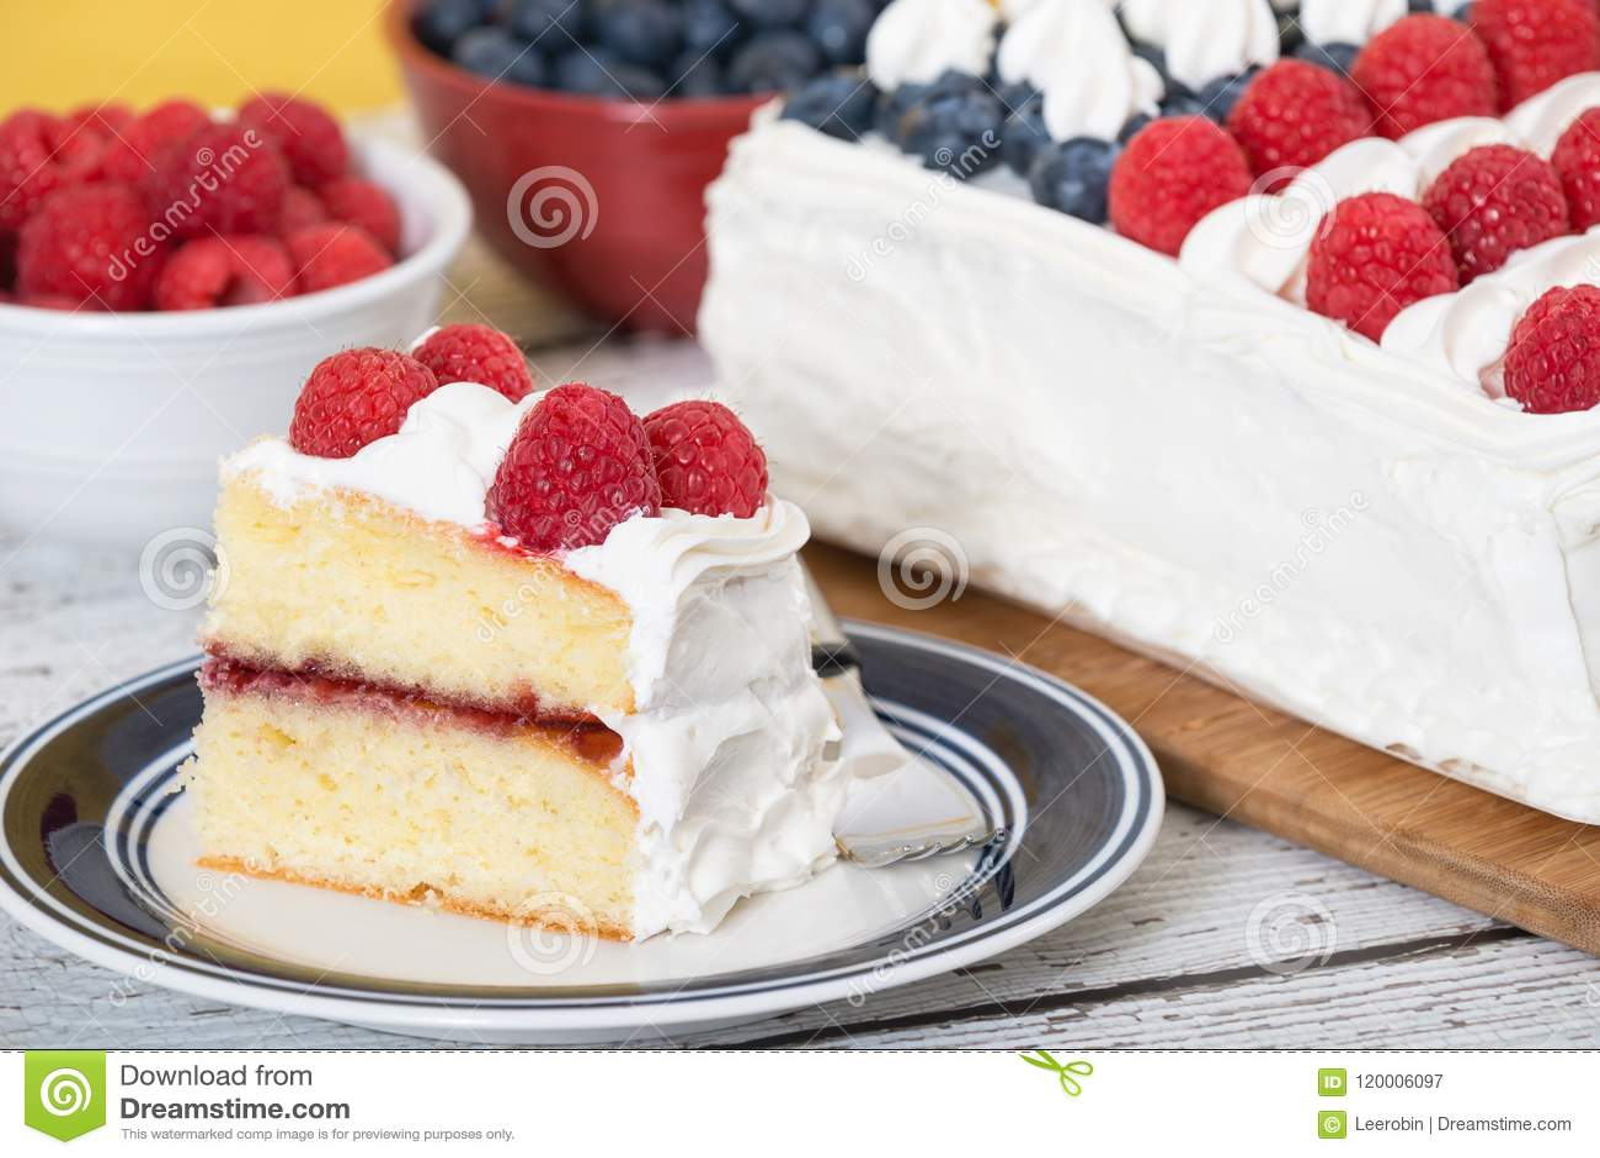 Red White Blue Flag Cake